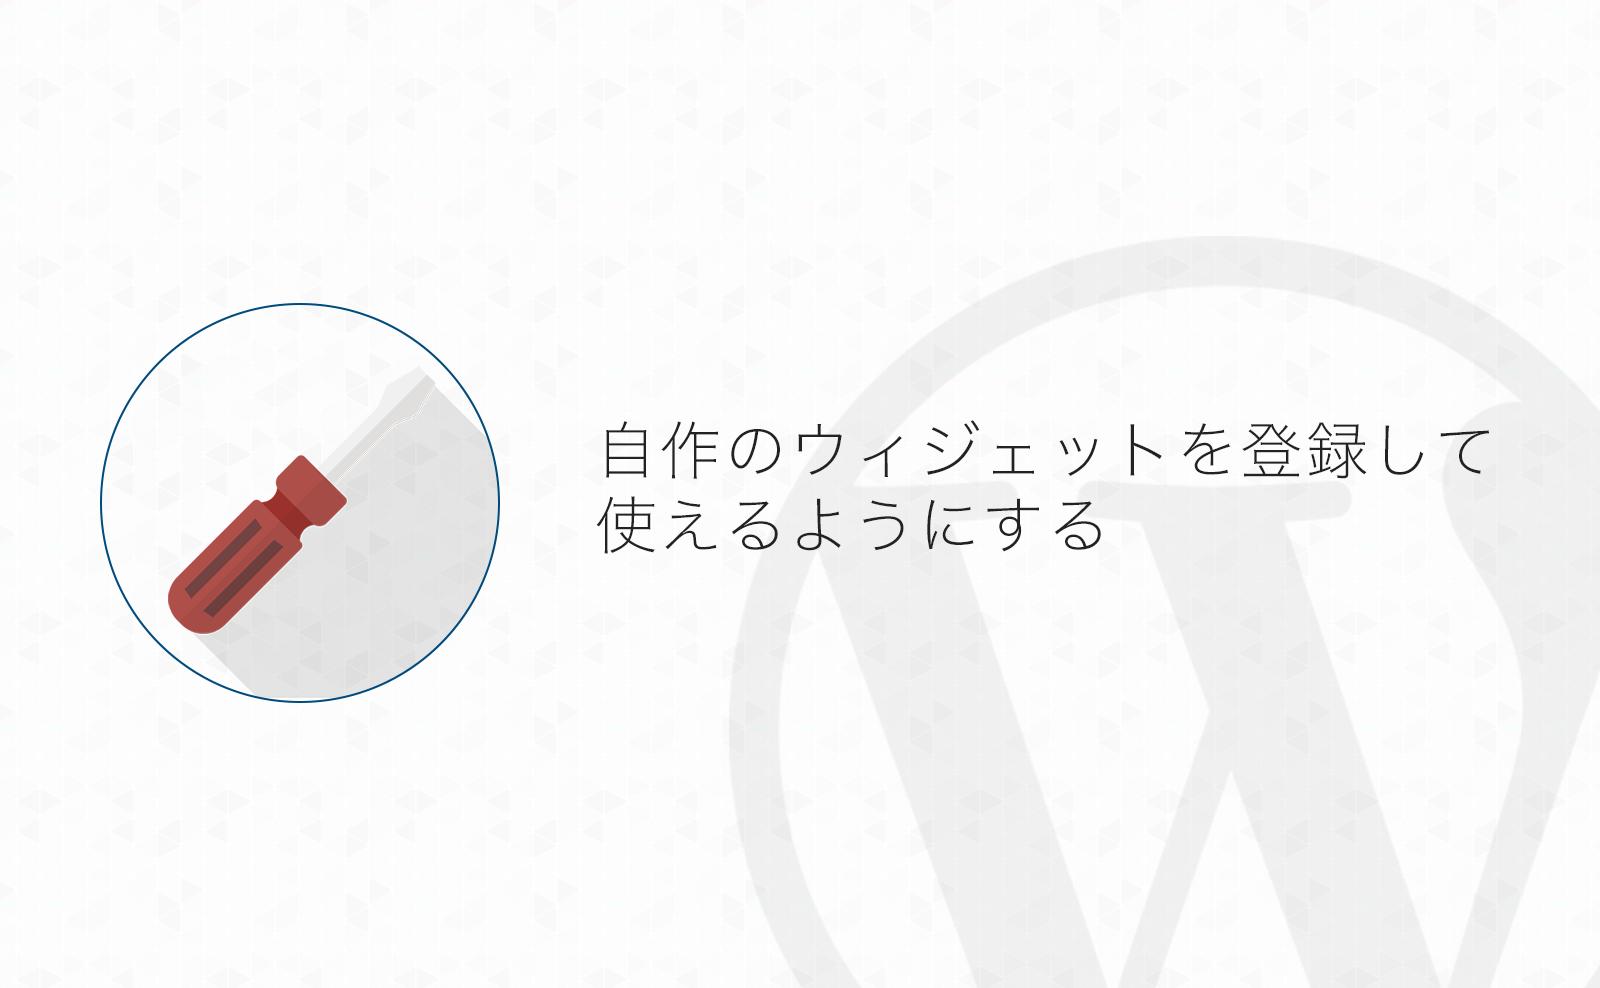 【WordPress】自作のウィジェットを登録して使えるようにする方法